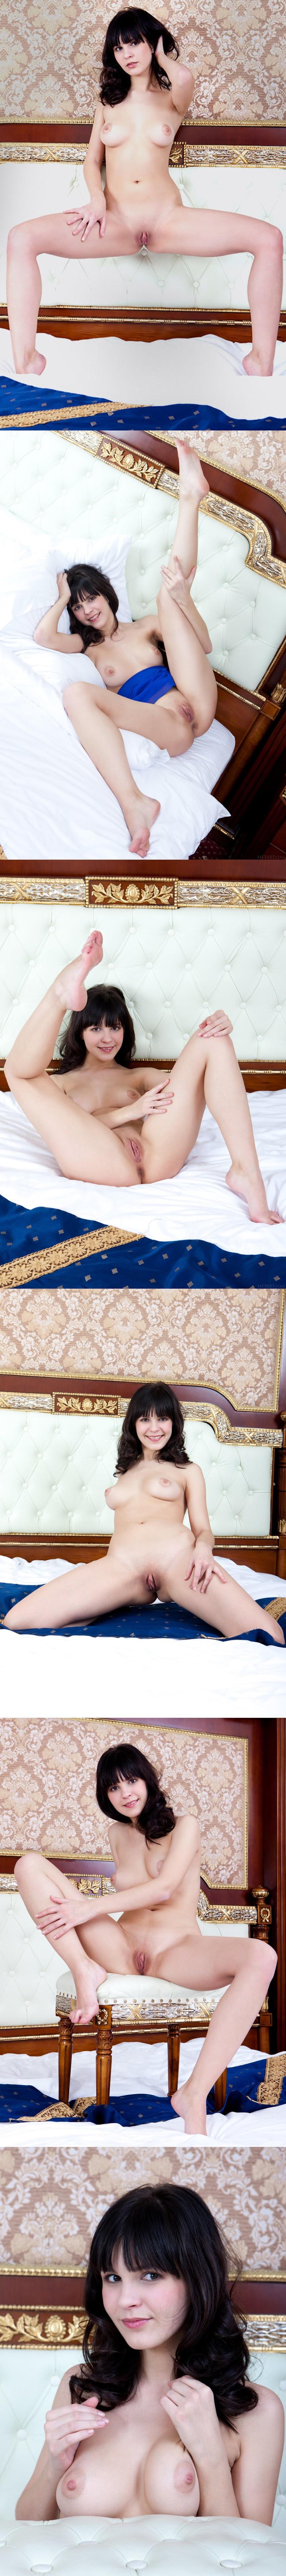 met-art  - 2014-03-21 zelda b - orismena  x120  3744x5616 sexy girls image jav